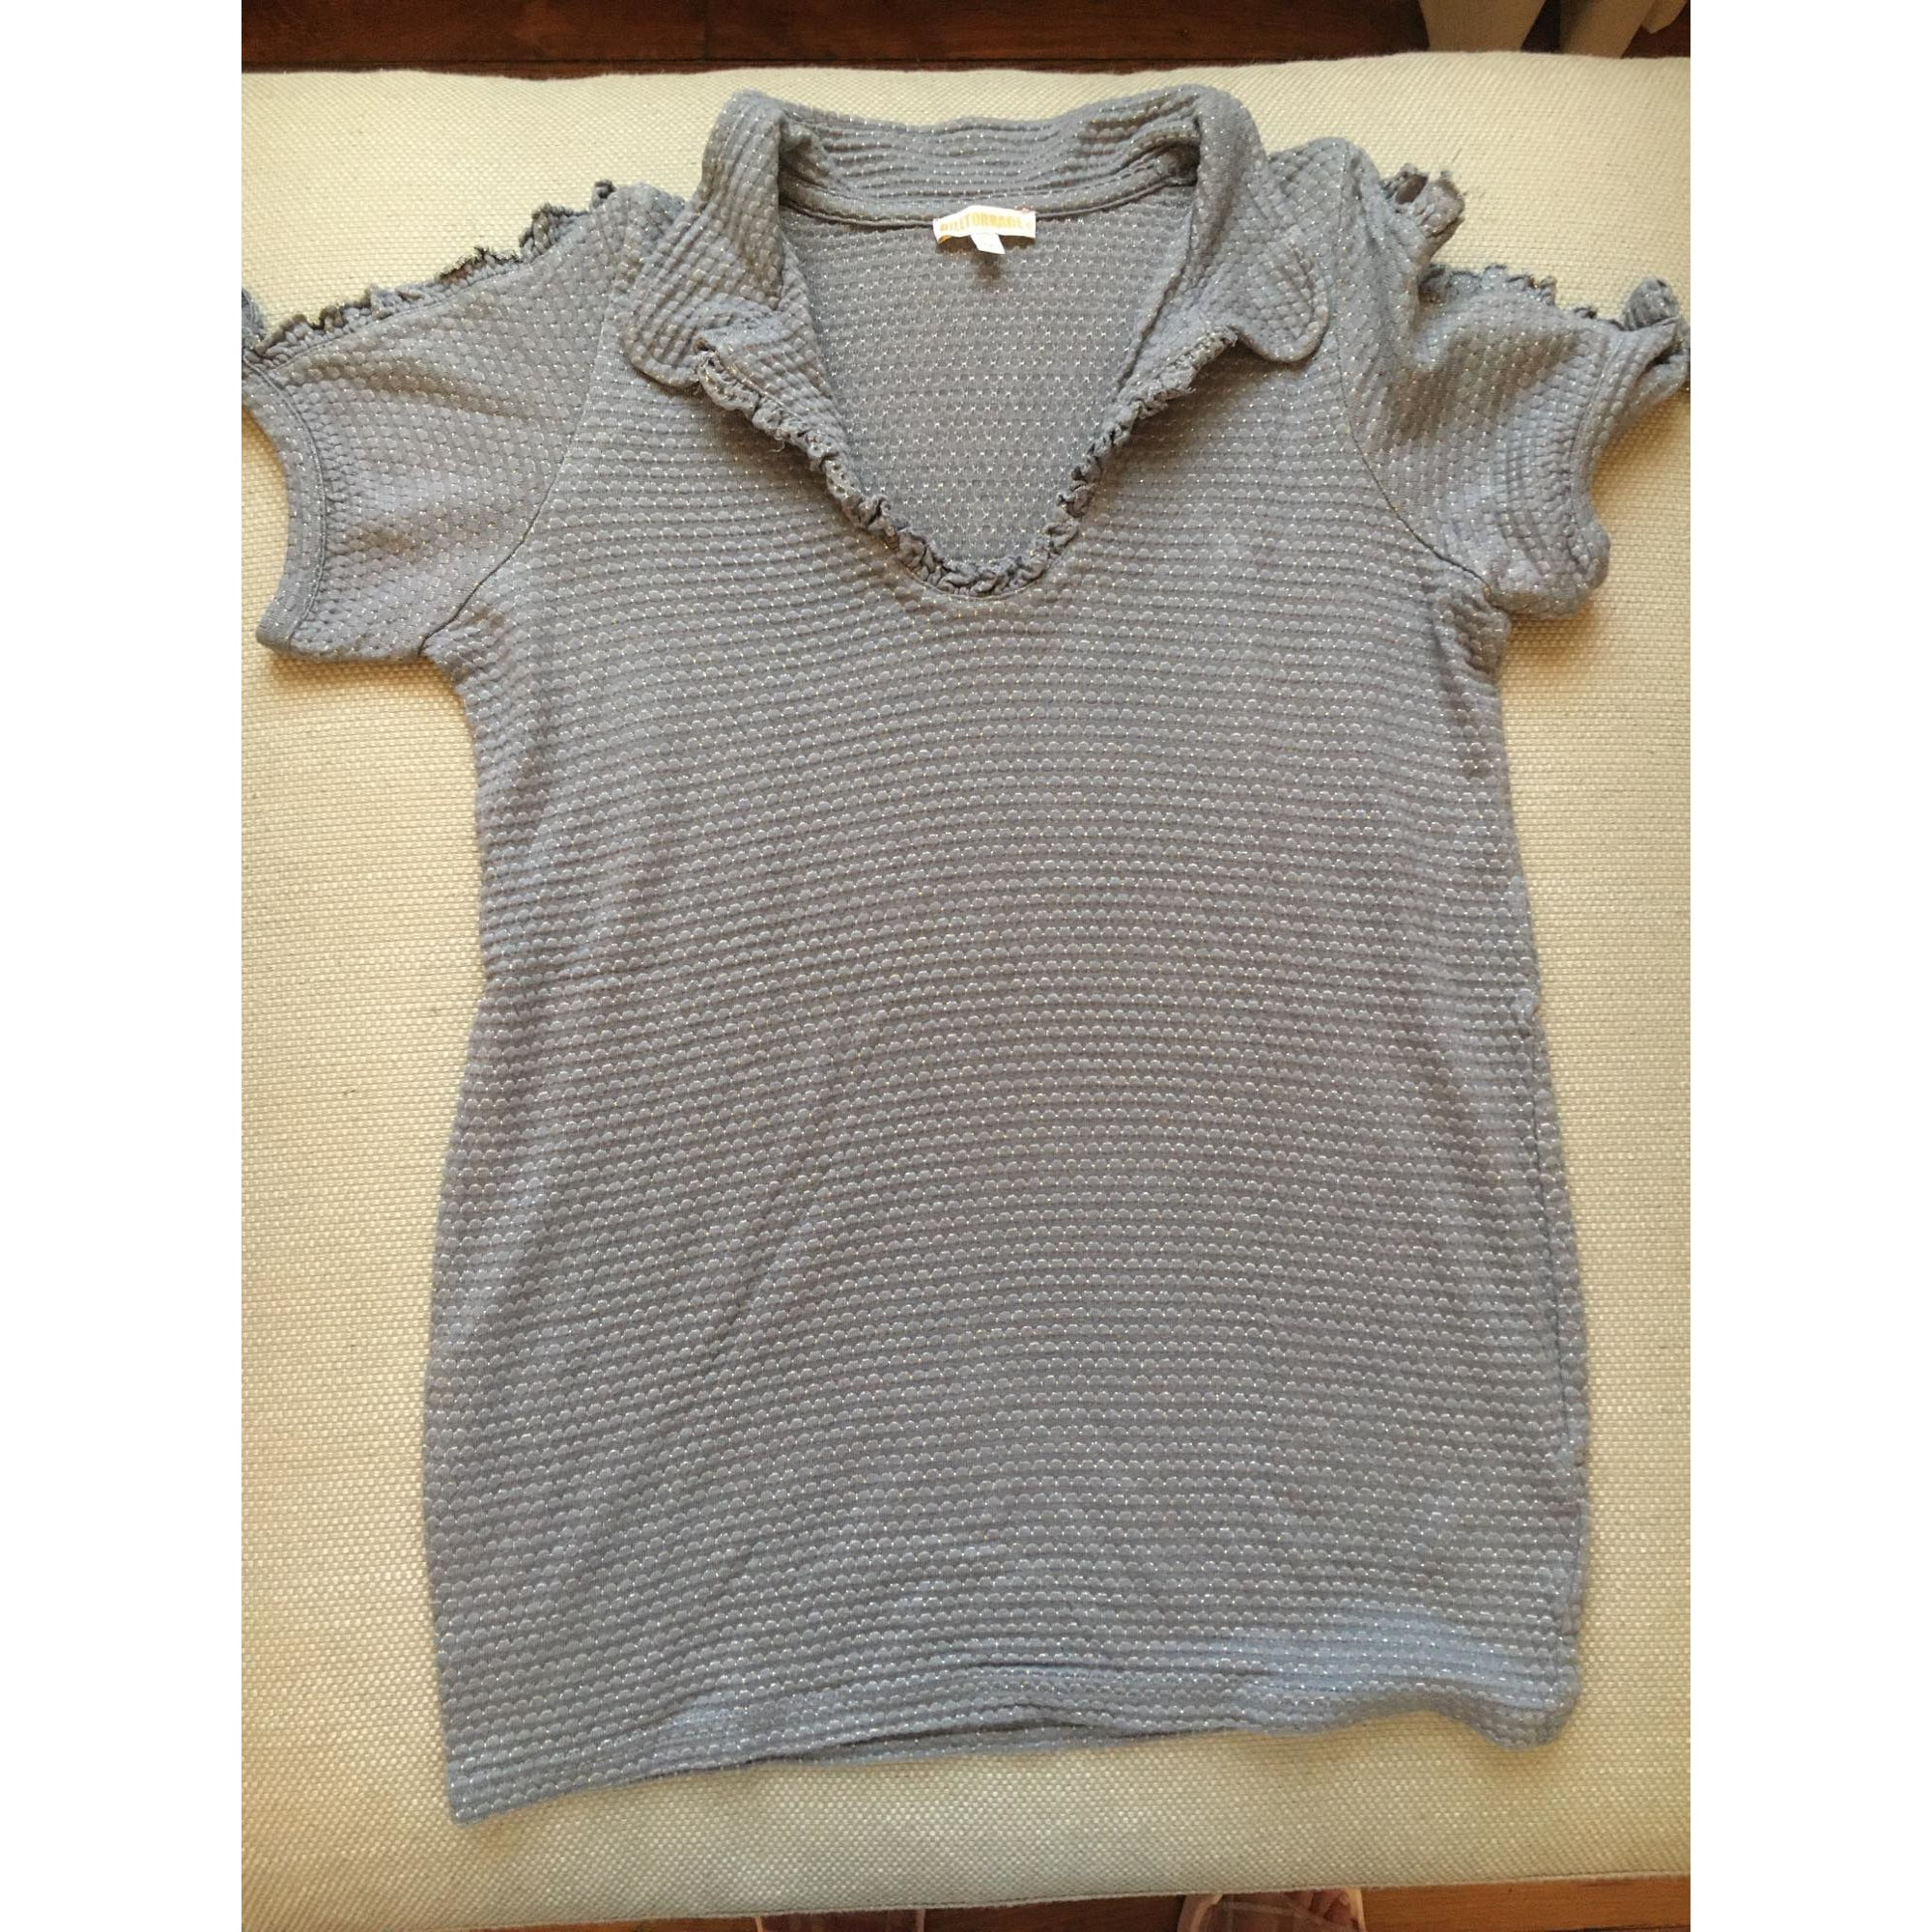 Top, Tee-shirt BILLTORNADE Argenté, acier